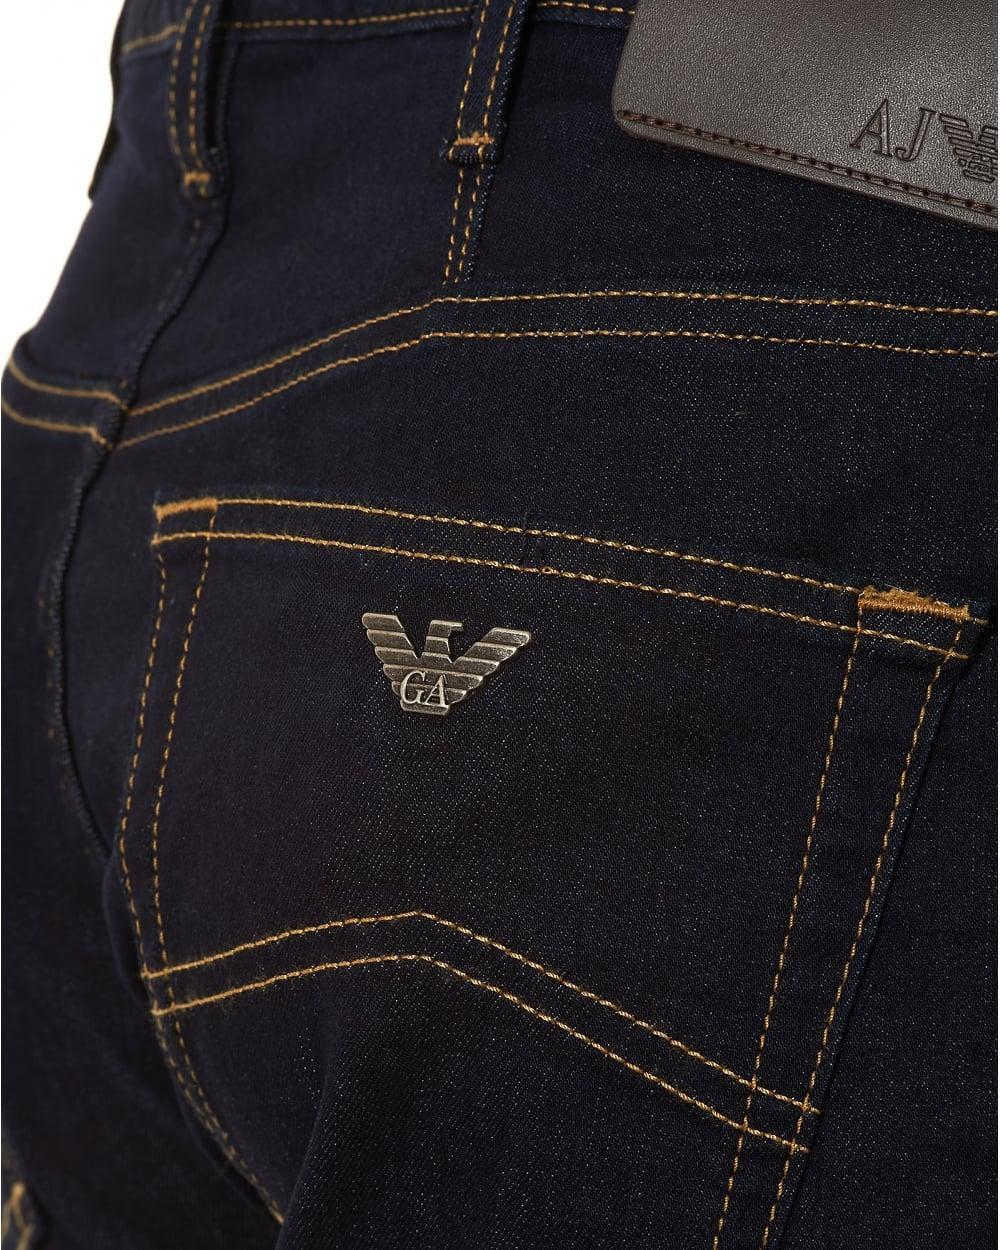 b5b852a1cde0 Armani Jeans Mens J21 Jeans